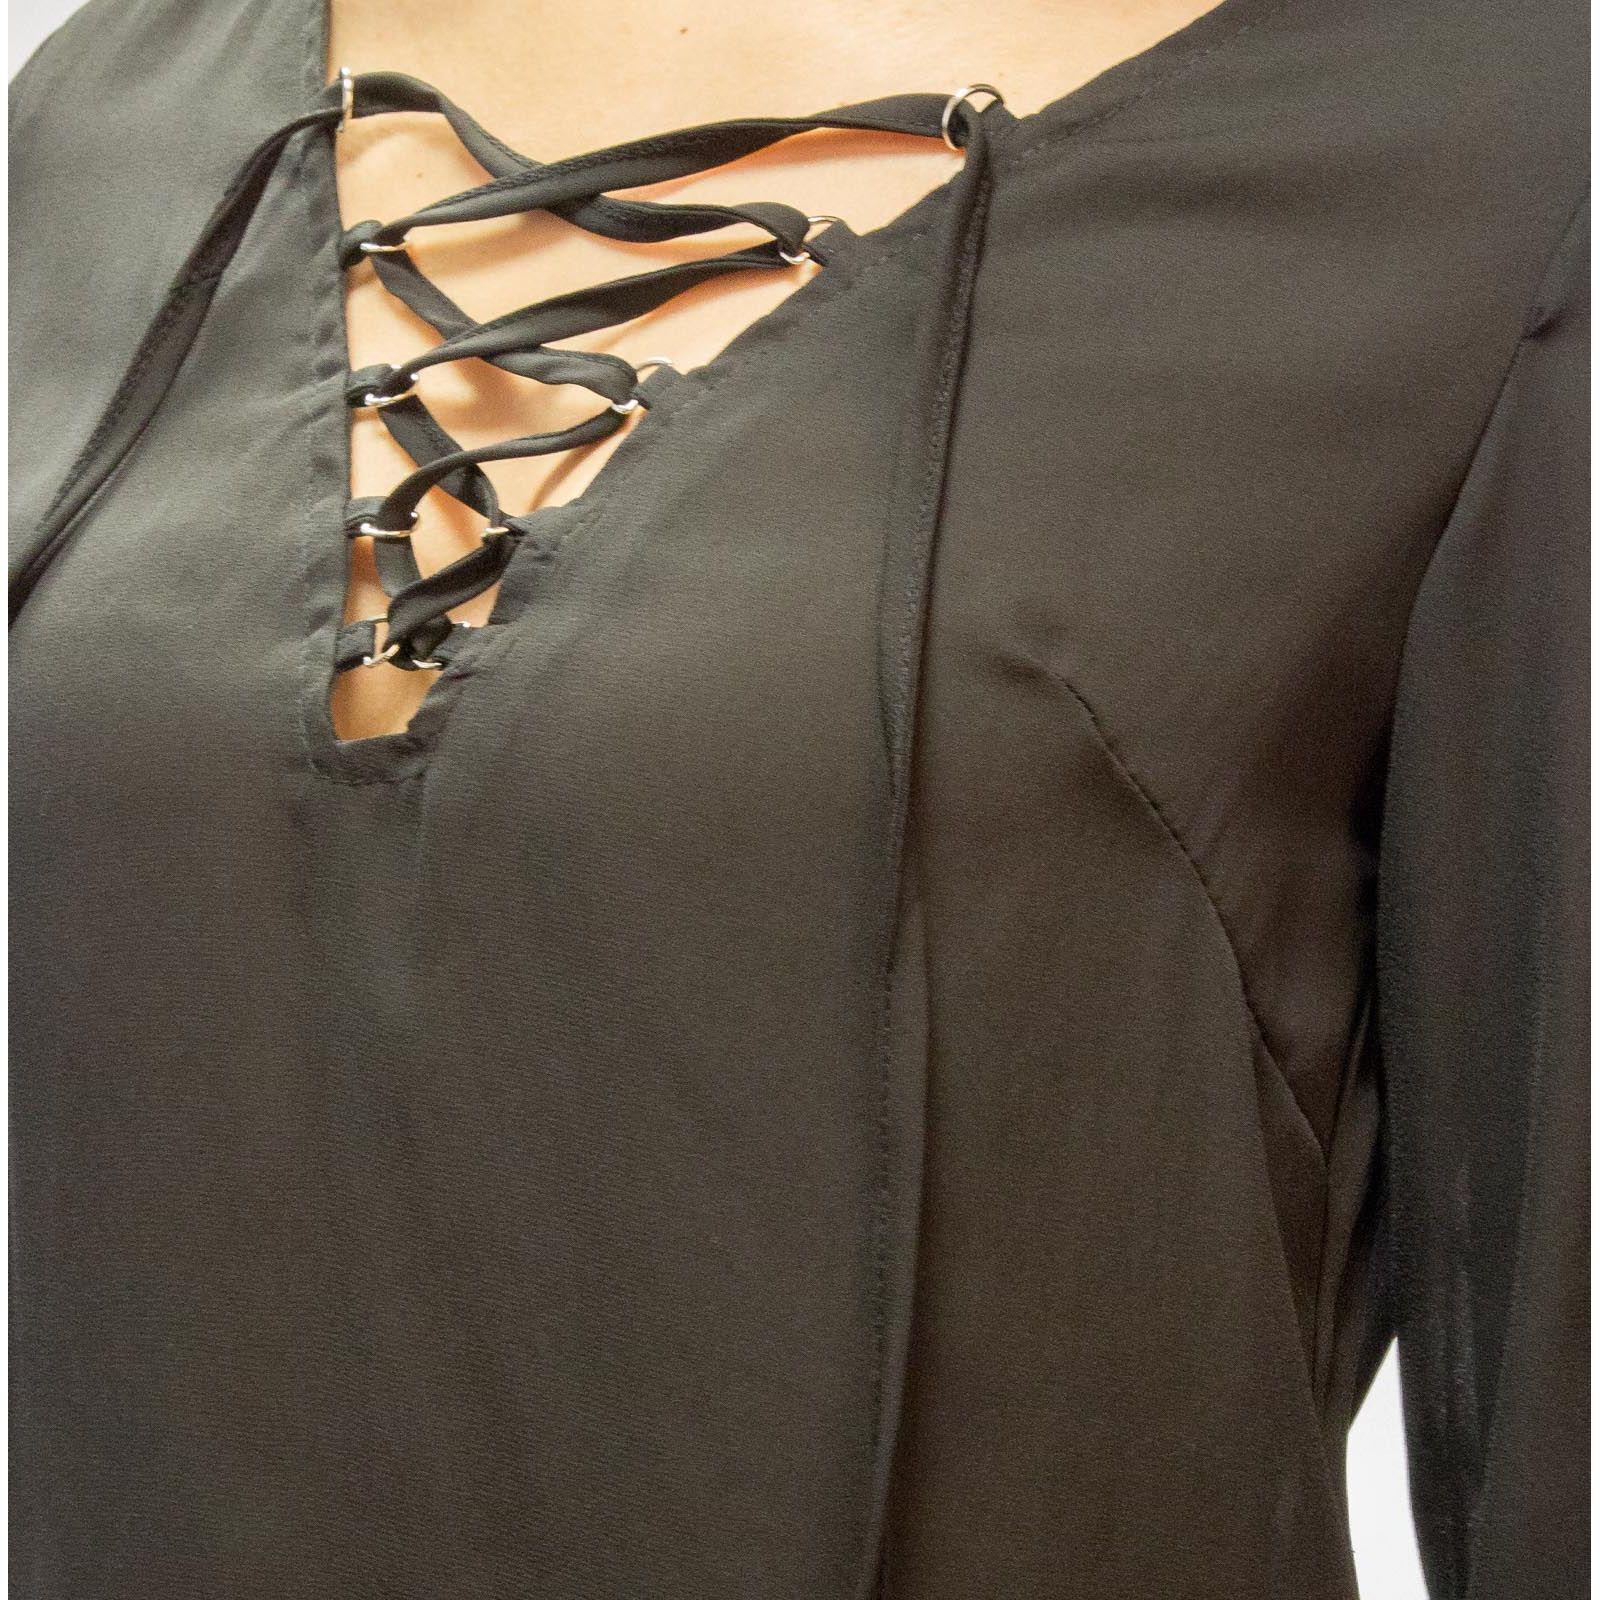 a92f9b0e0c8 Je veux trouver une belle chemise femme et agréable à porter pas cher ICI  Chemisier à lacets femme